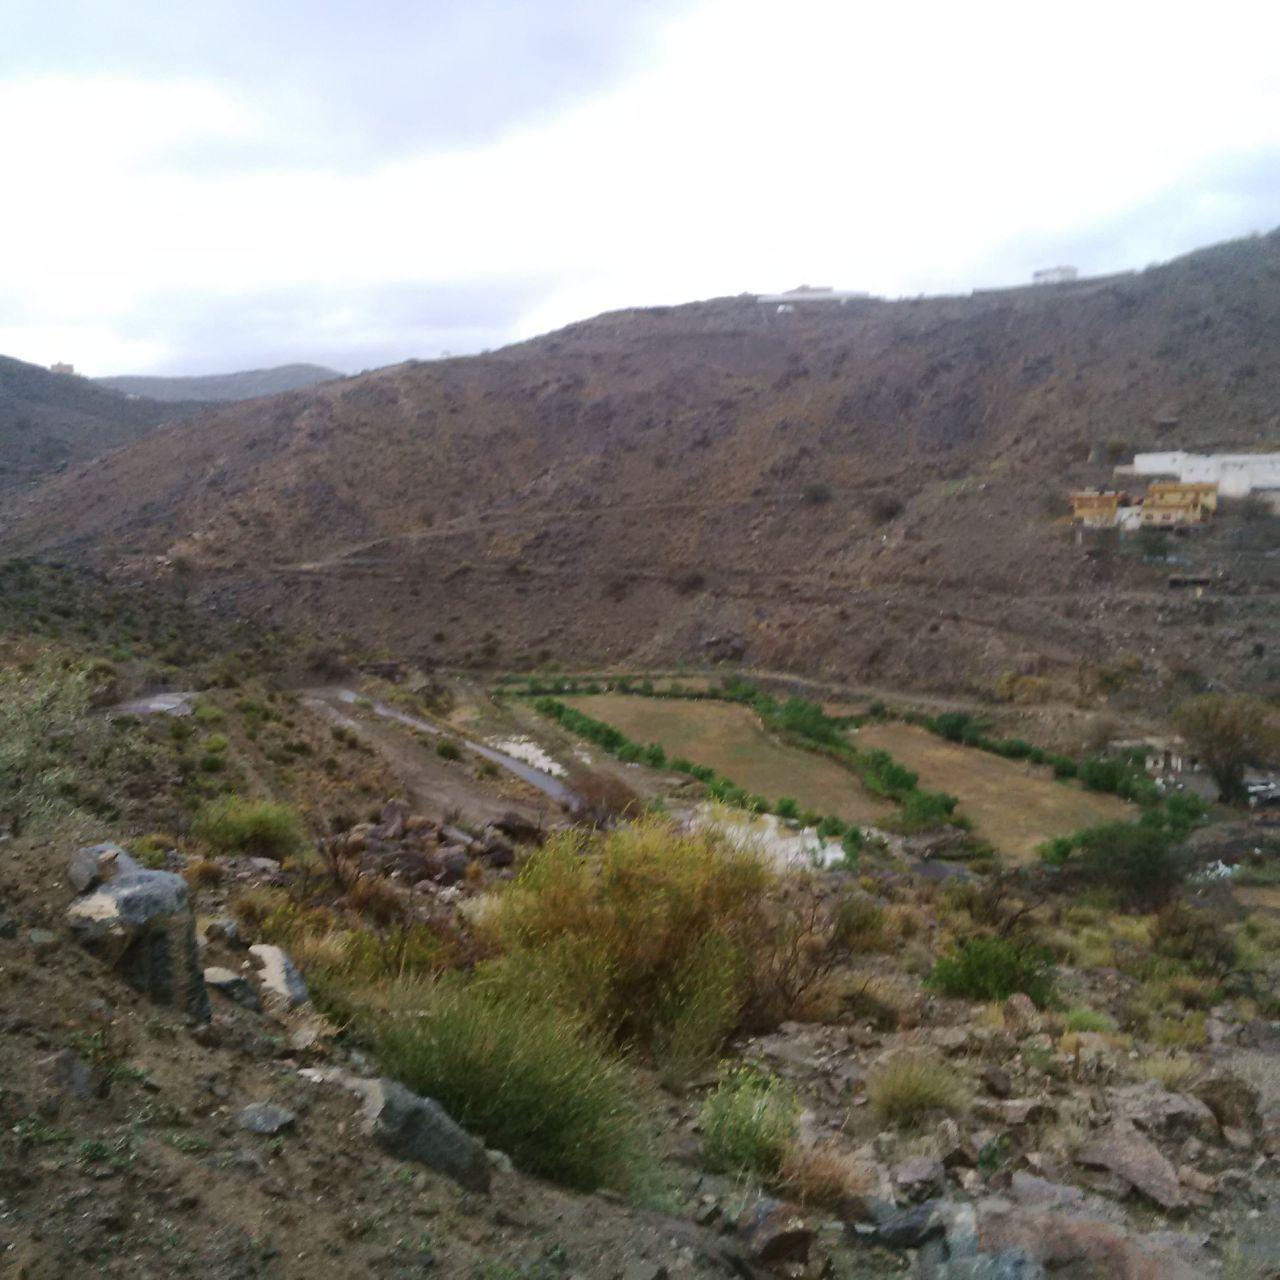 من امطار بني مالك على قري شوقب اليوم السبت 1437/6/24 CfDtus-WwAEwQyV